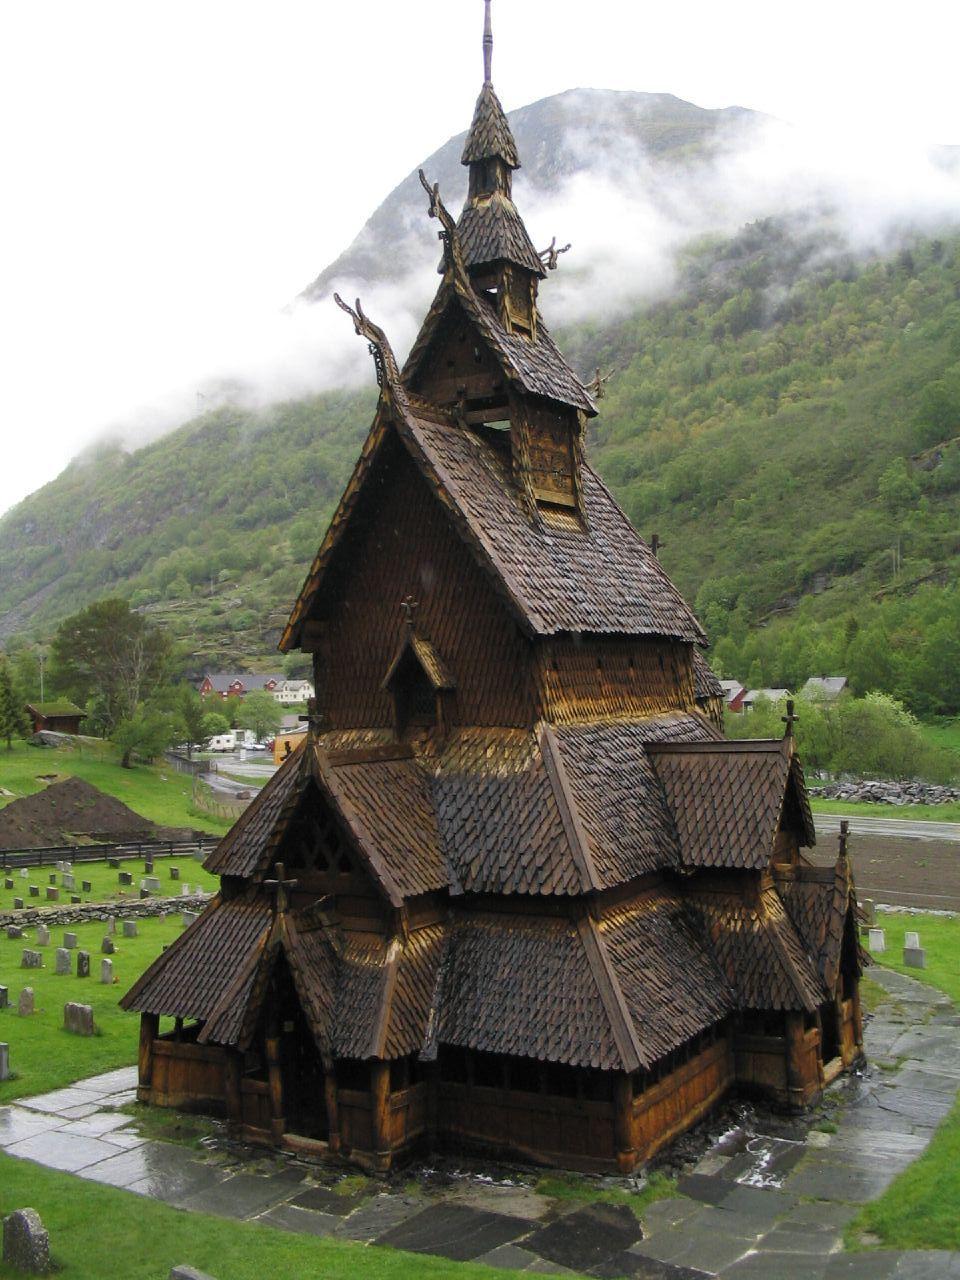 Stave church in Borgund, Norway ~